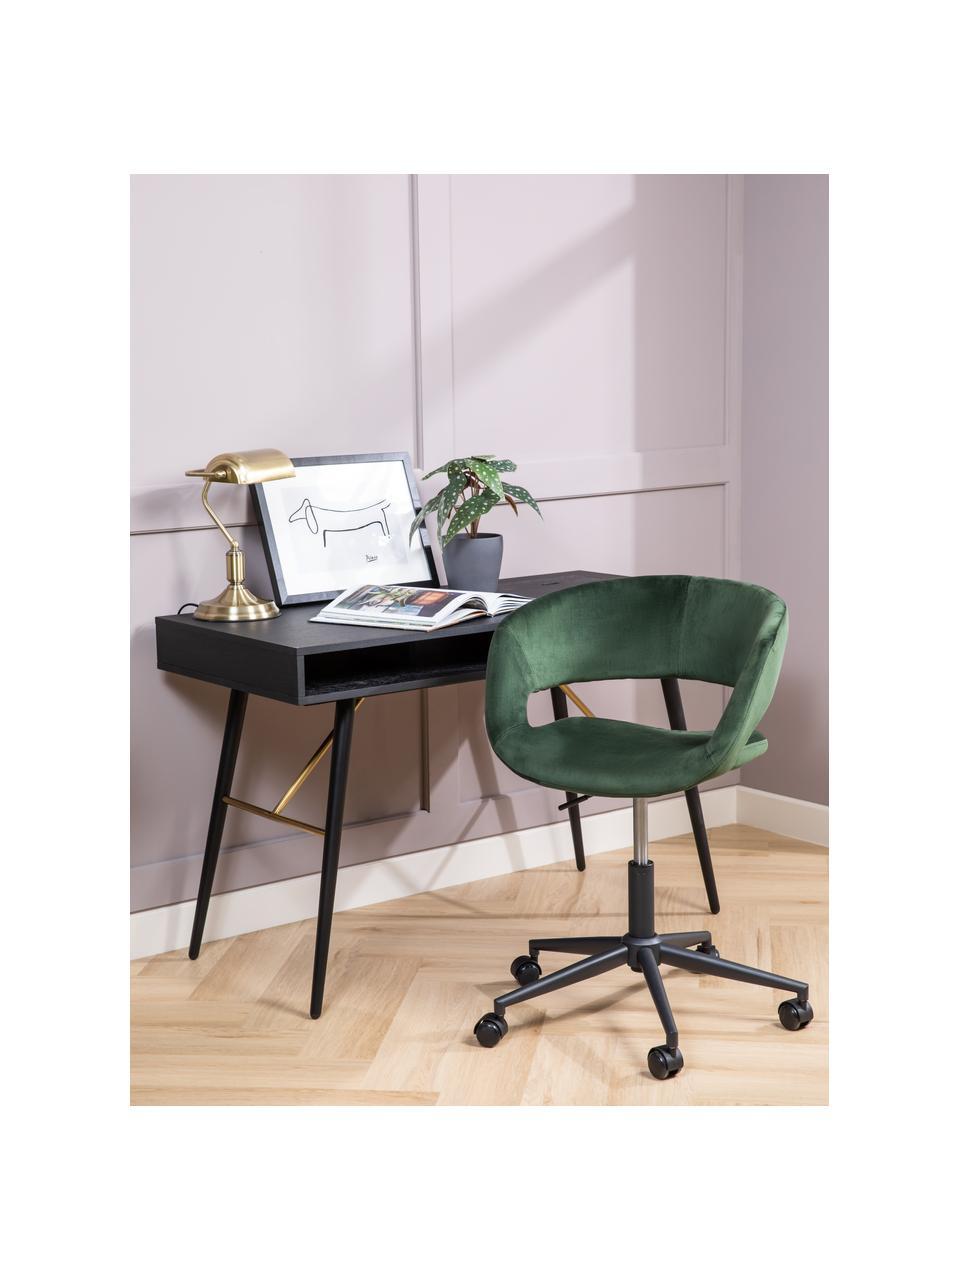 Krzesło obrotowe z aksamitu Grace, Tapicerka: aksamit poliestrowy 2500, Stelaż: metal malowany proszkowo, Aksamitny leśny zielony, S 56 x G 54 cm